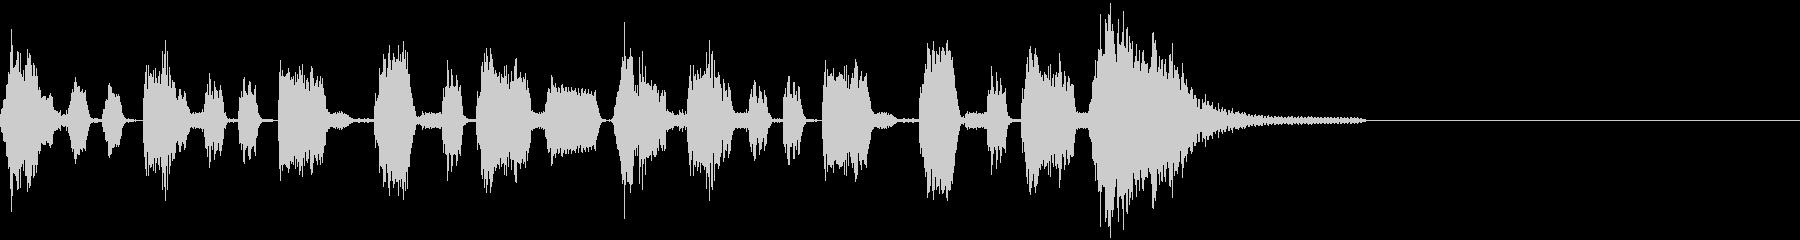 動画の繋ぎやオチの部分を想定した効果音の未再生の波形